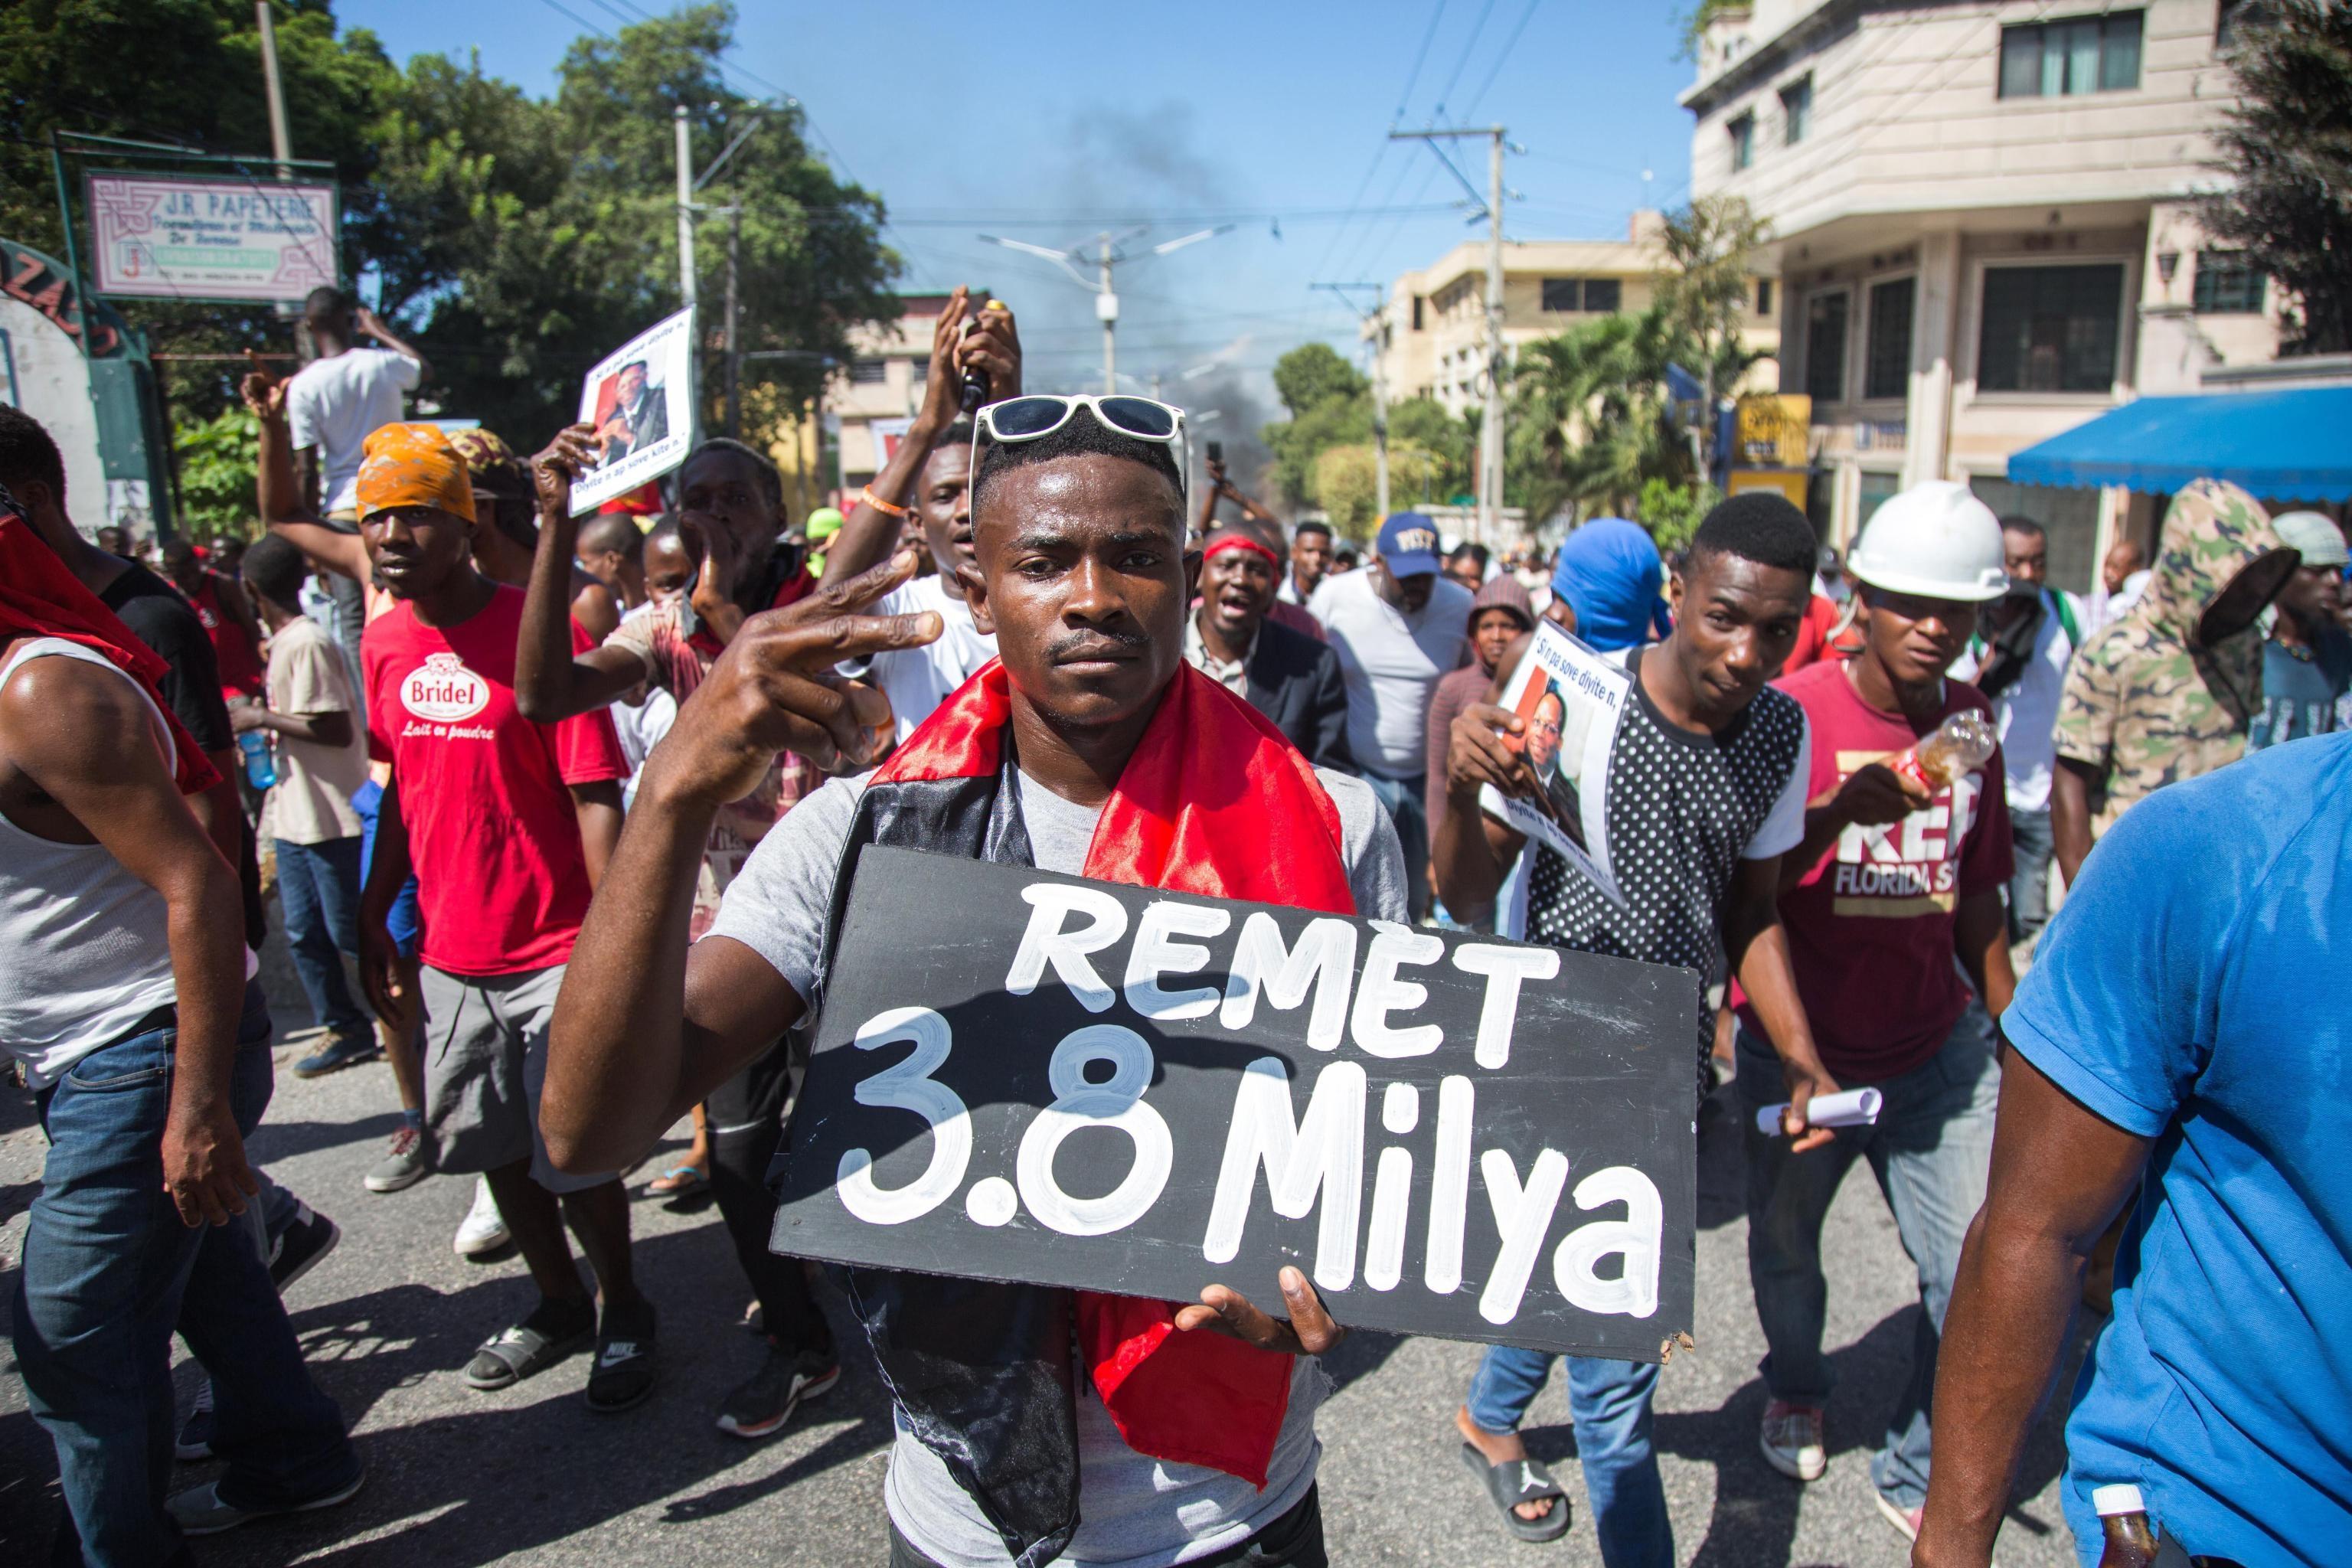 Un uomo con un cartello di protesta che cita i 3,8 miliardi di dollari ricevuti dal governo